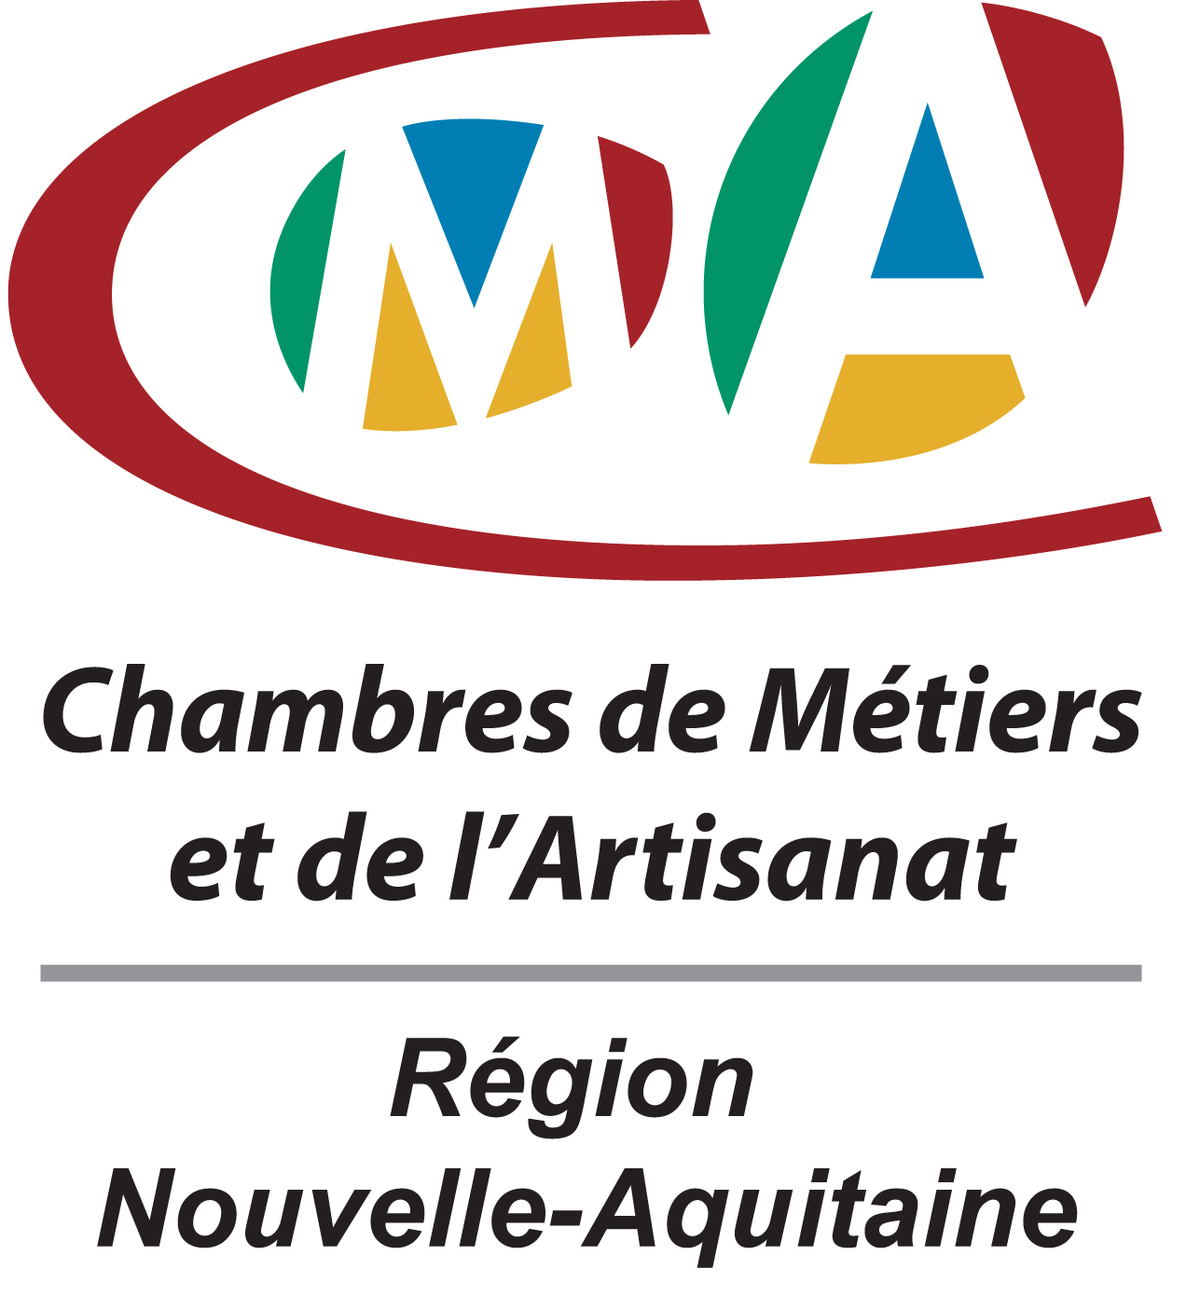 Chambre regionale de metiers et de l 39 artisanat nouvelle - Chambre de metiers et de l artisanat du var ...